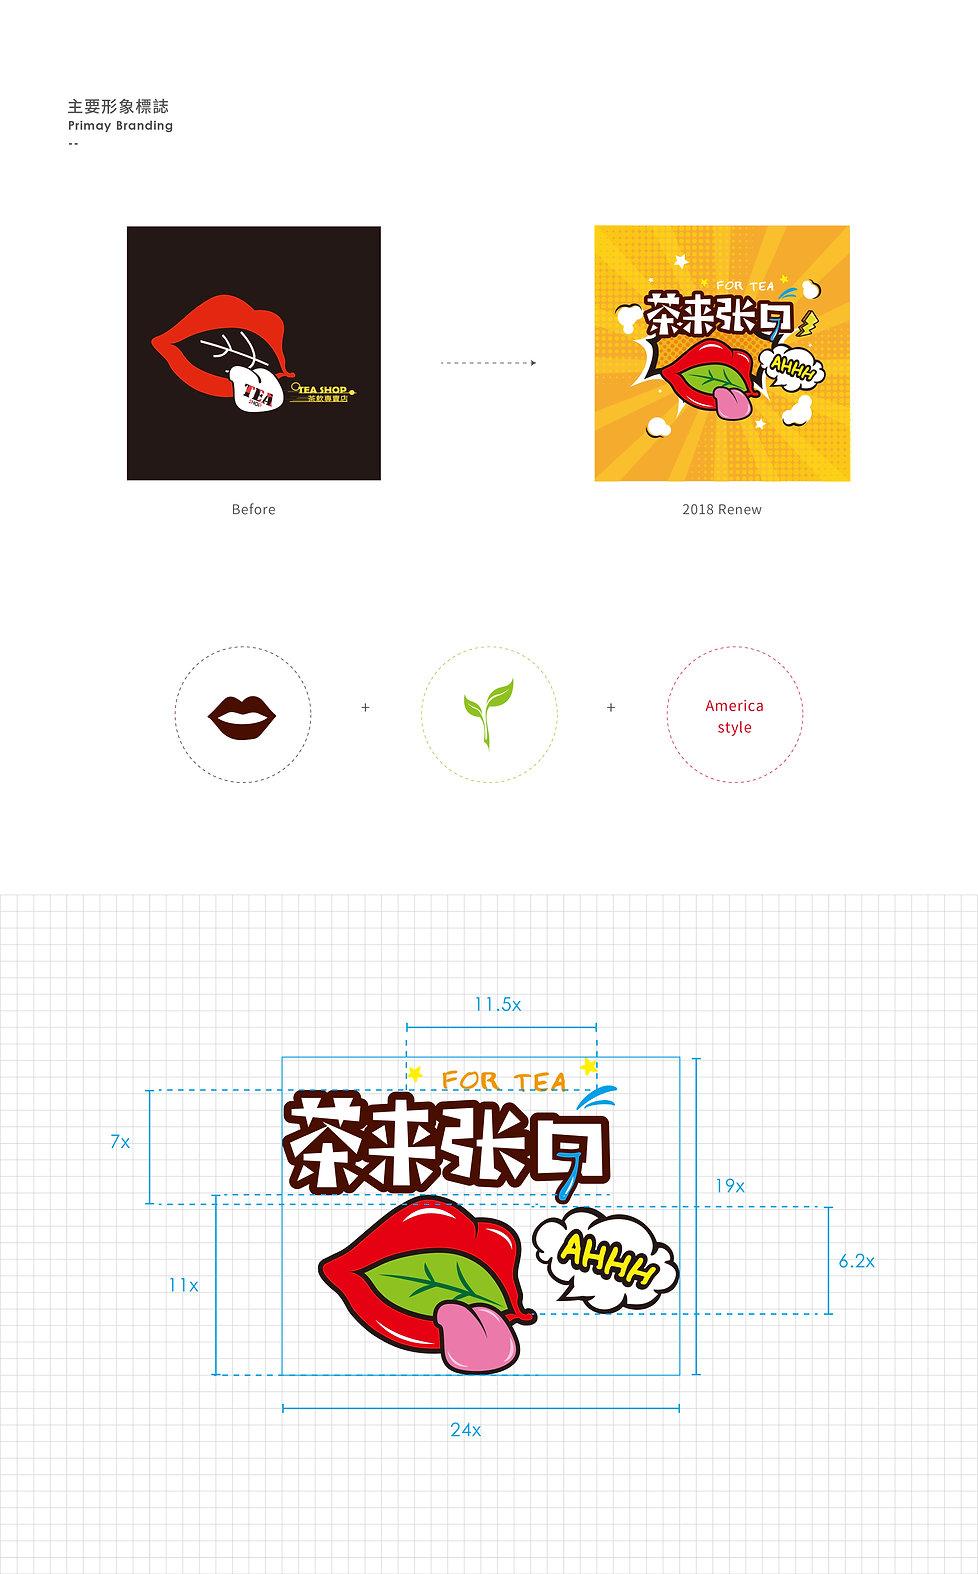 茶來張口_behance-01.jpg